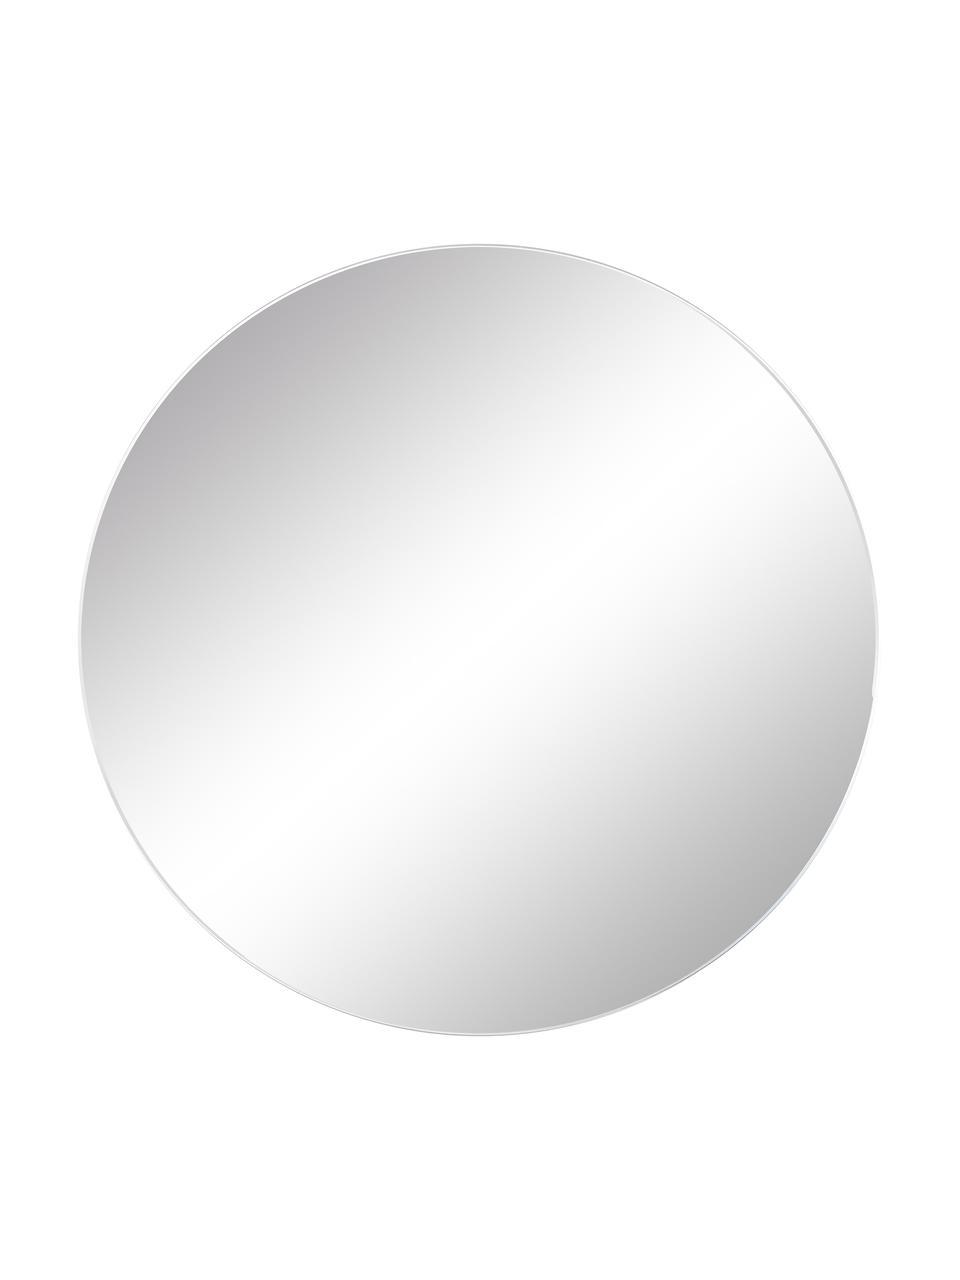 Rahmenloser Wandspiegel Erin, Spiegelfläche: Spiegelglas, Rückseite: Mitteldichte Holzfaserpla, Spiegelfläche: SpiegelglasSpiegelaußenkante: Schwarz, Ø 55 cm